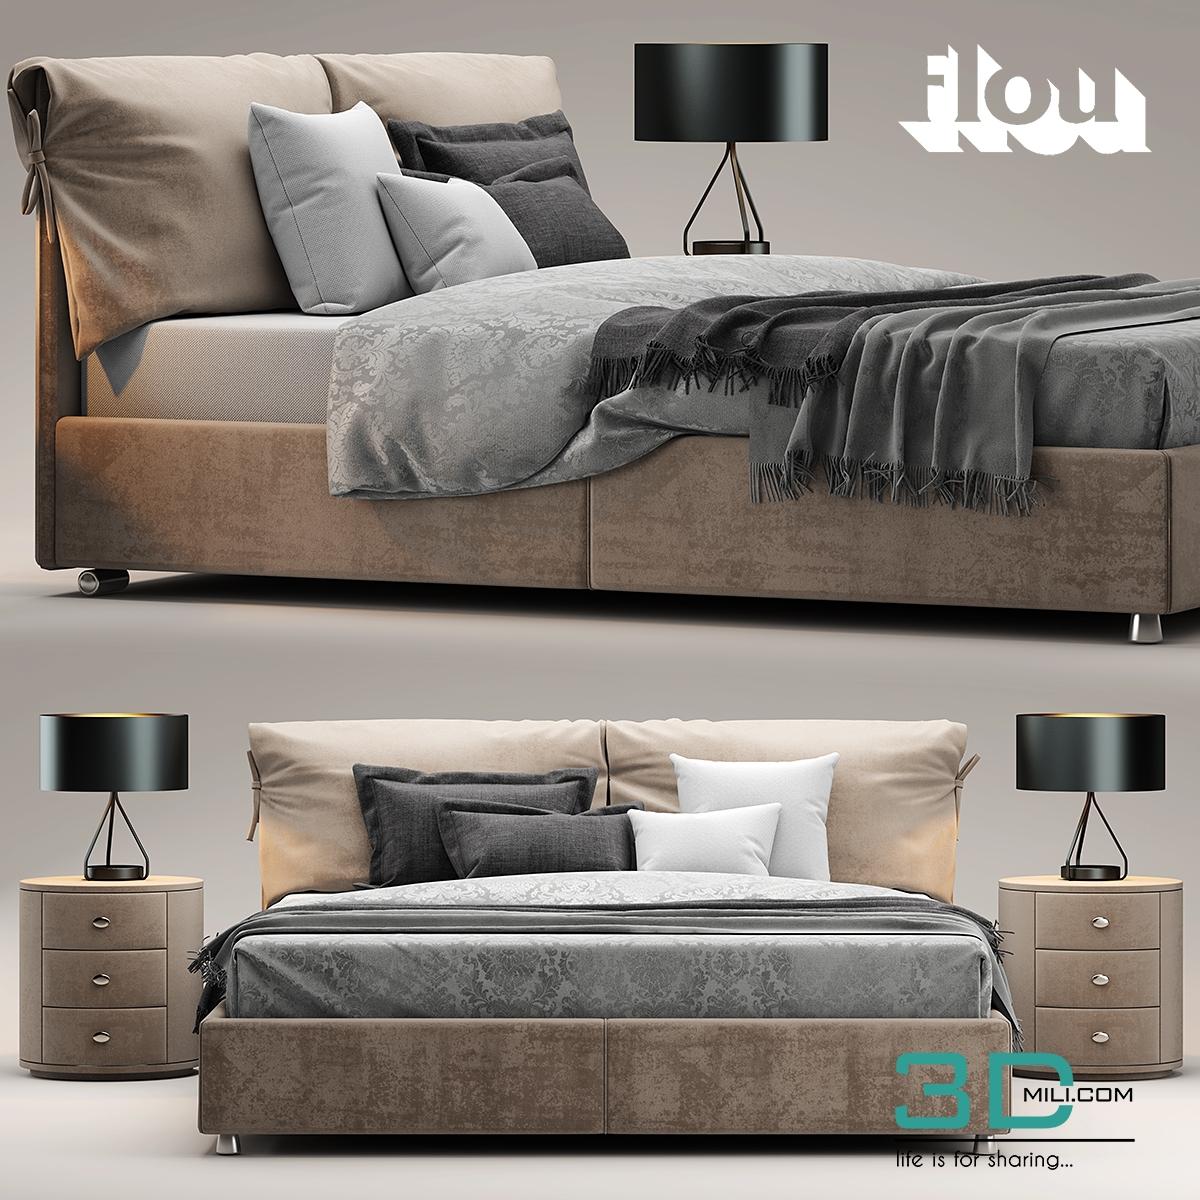 94. Bed flou Letto Nathalie - 3D Mili - Download 3D Model - Free ...